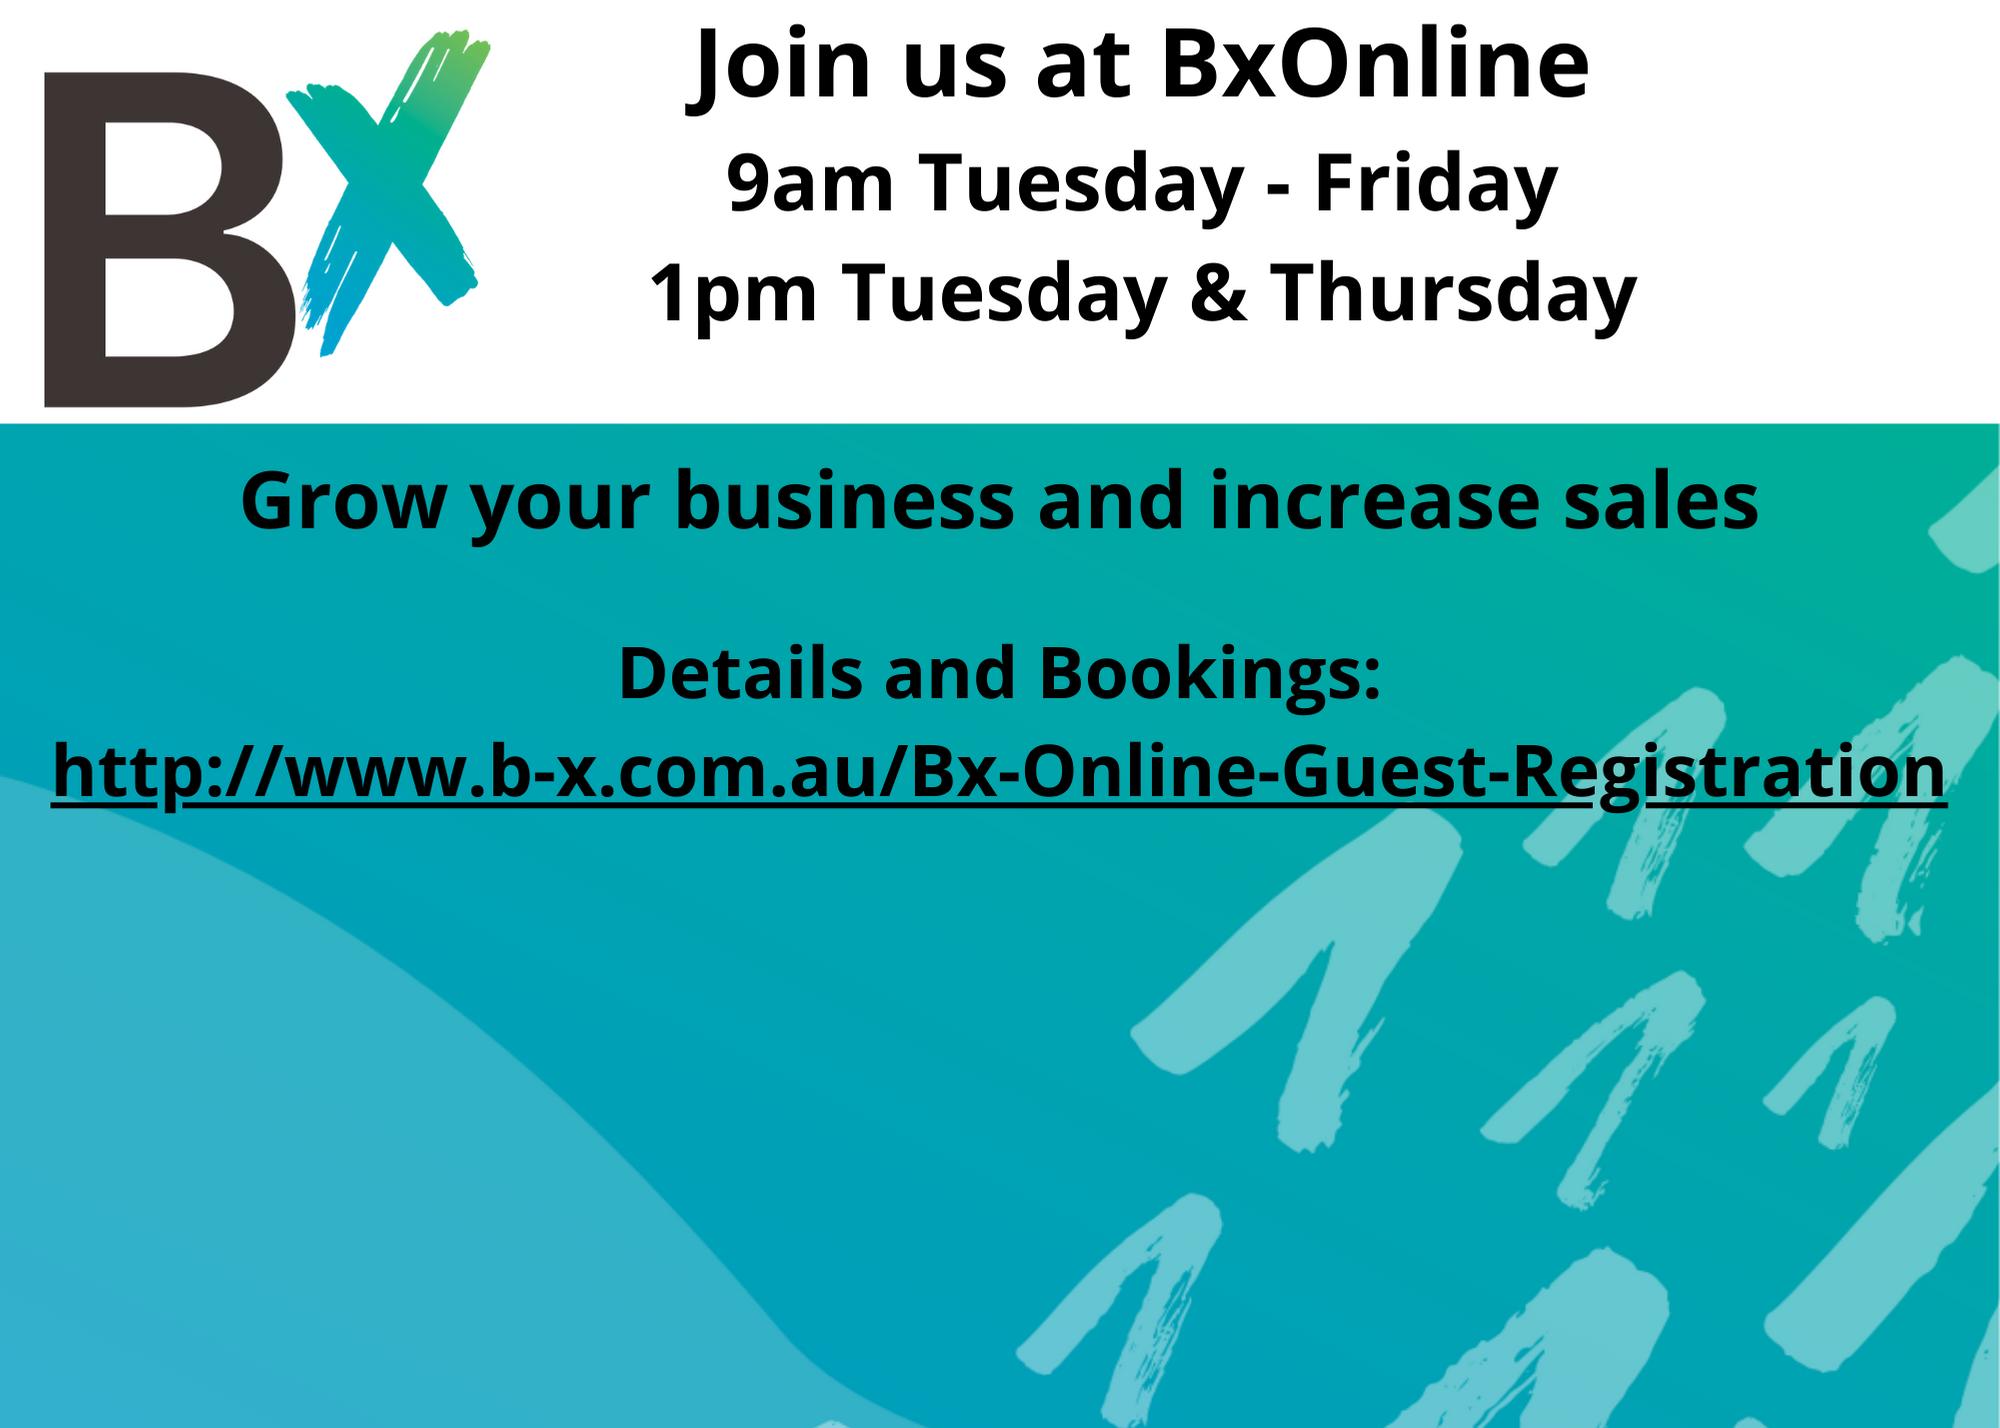 BxNetworking Brisbane - Business Networking in Brisbane